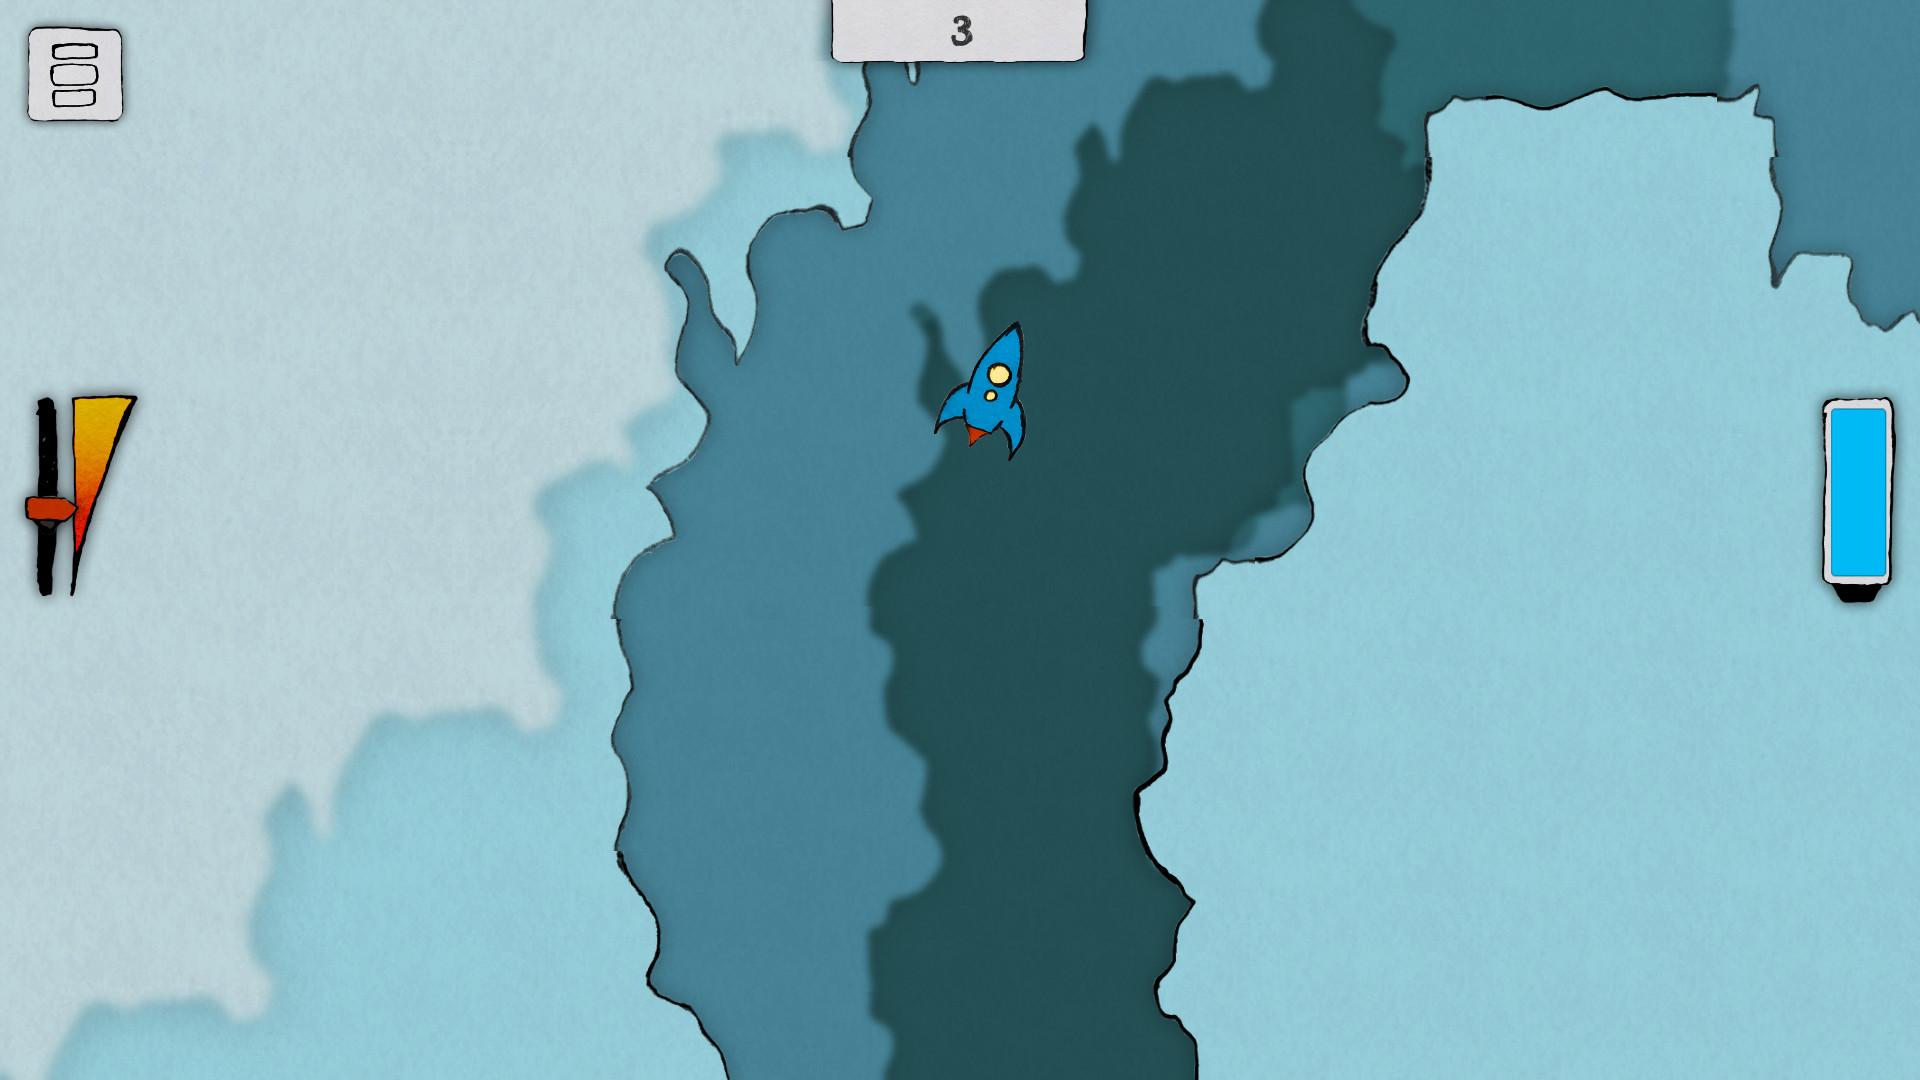 Landing screenshot